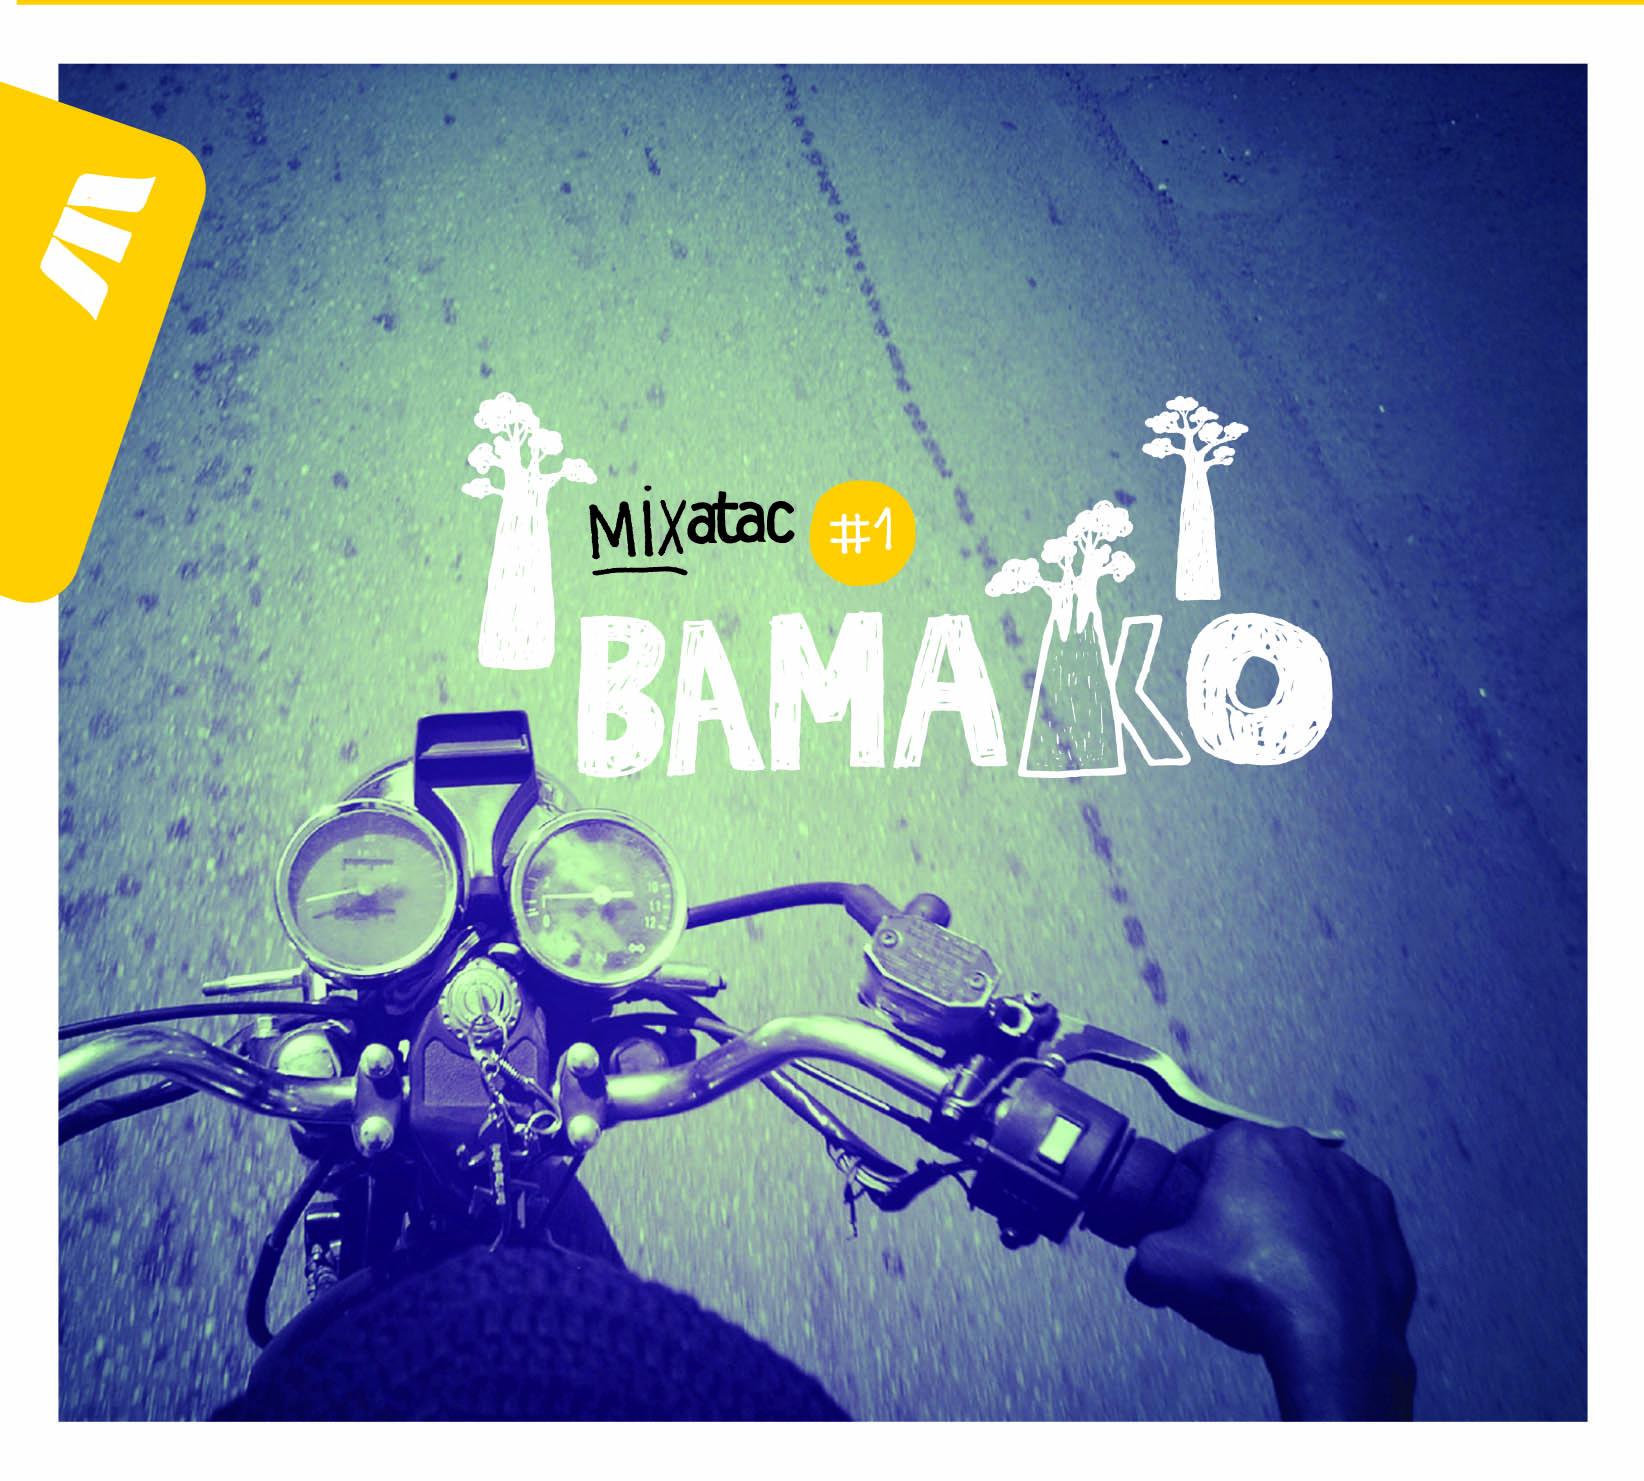 Le Festival MARSATAC présente _ le Label Mixatac & la Soirée Mix Ta Race !!